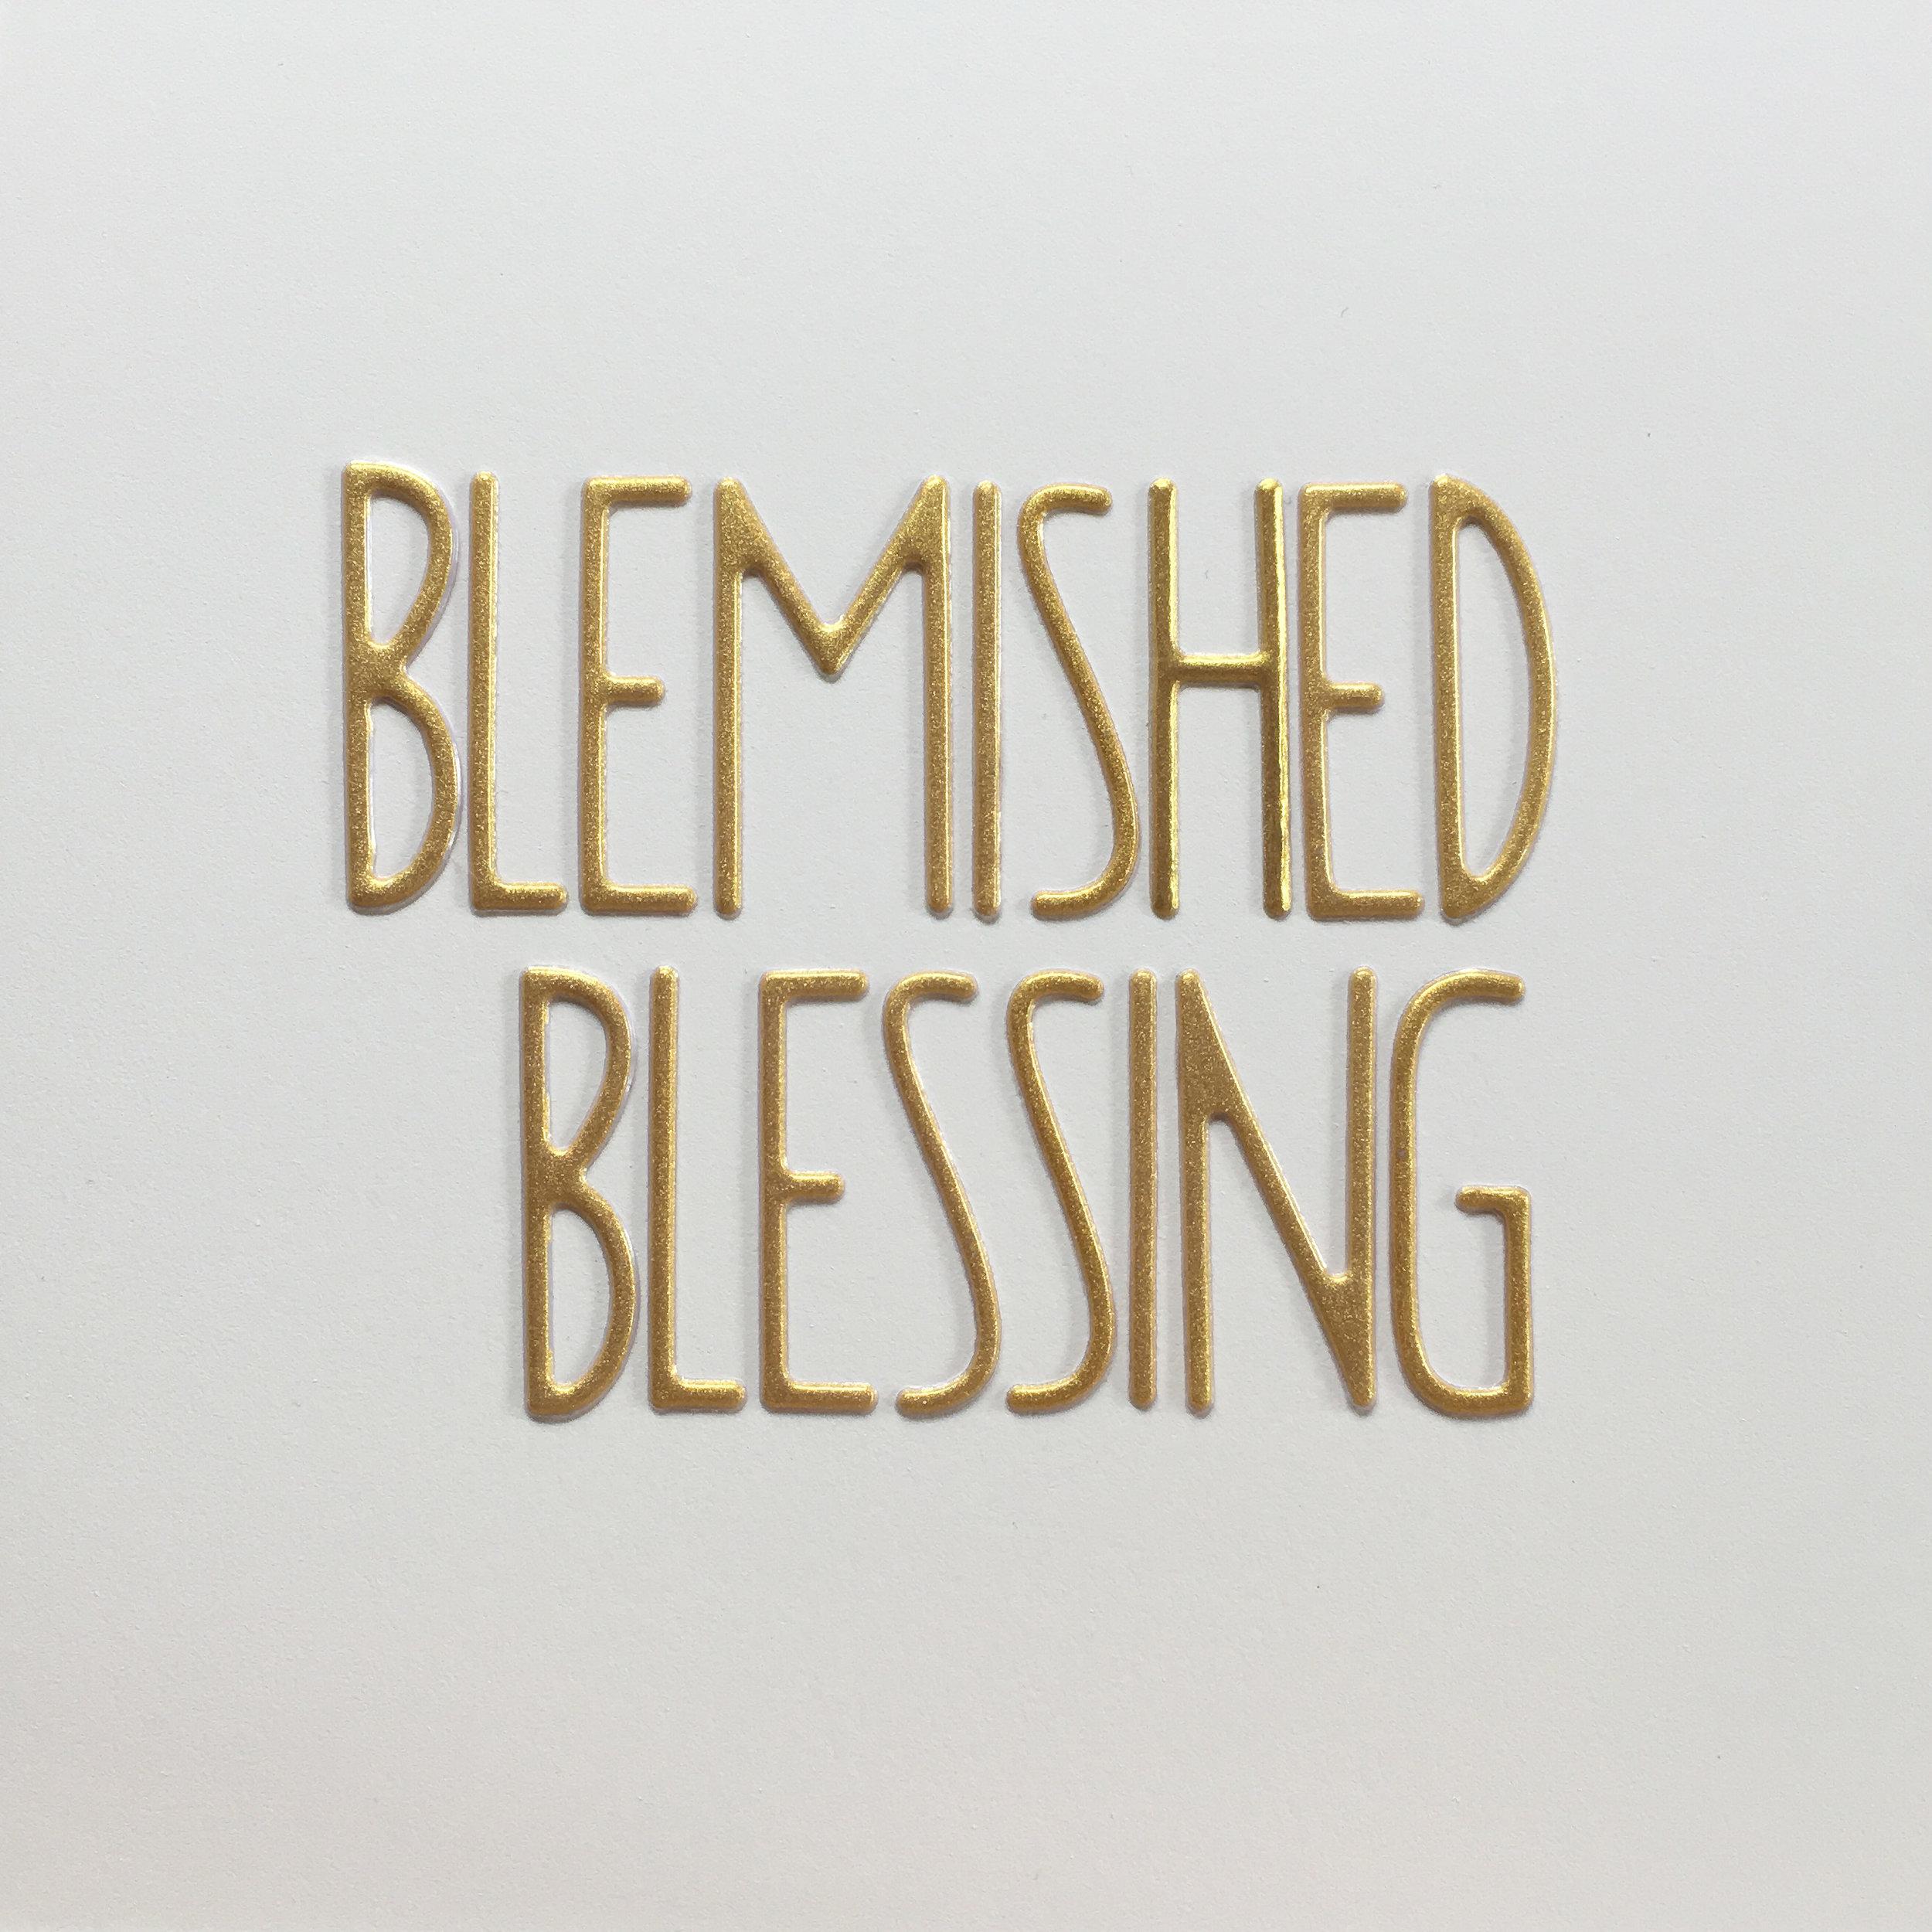 blemished blessing.jpg